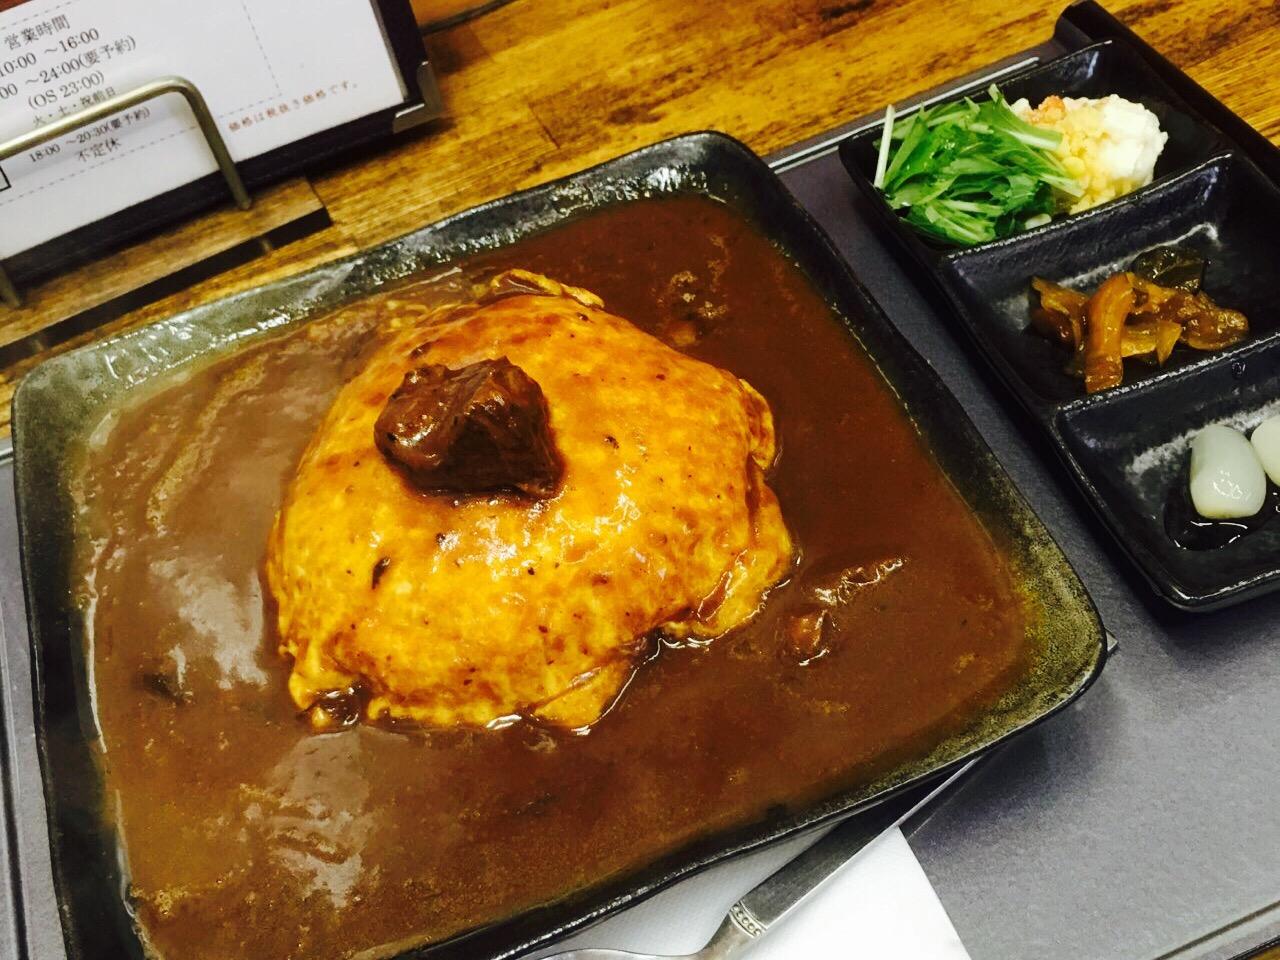 【ふくふく通り】岡山中央卸売市場「うどん虎」の千屋牛肉オムカレーが美味しすぎる!